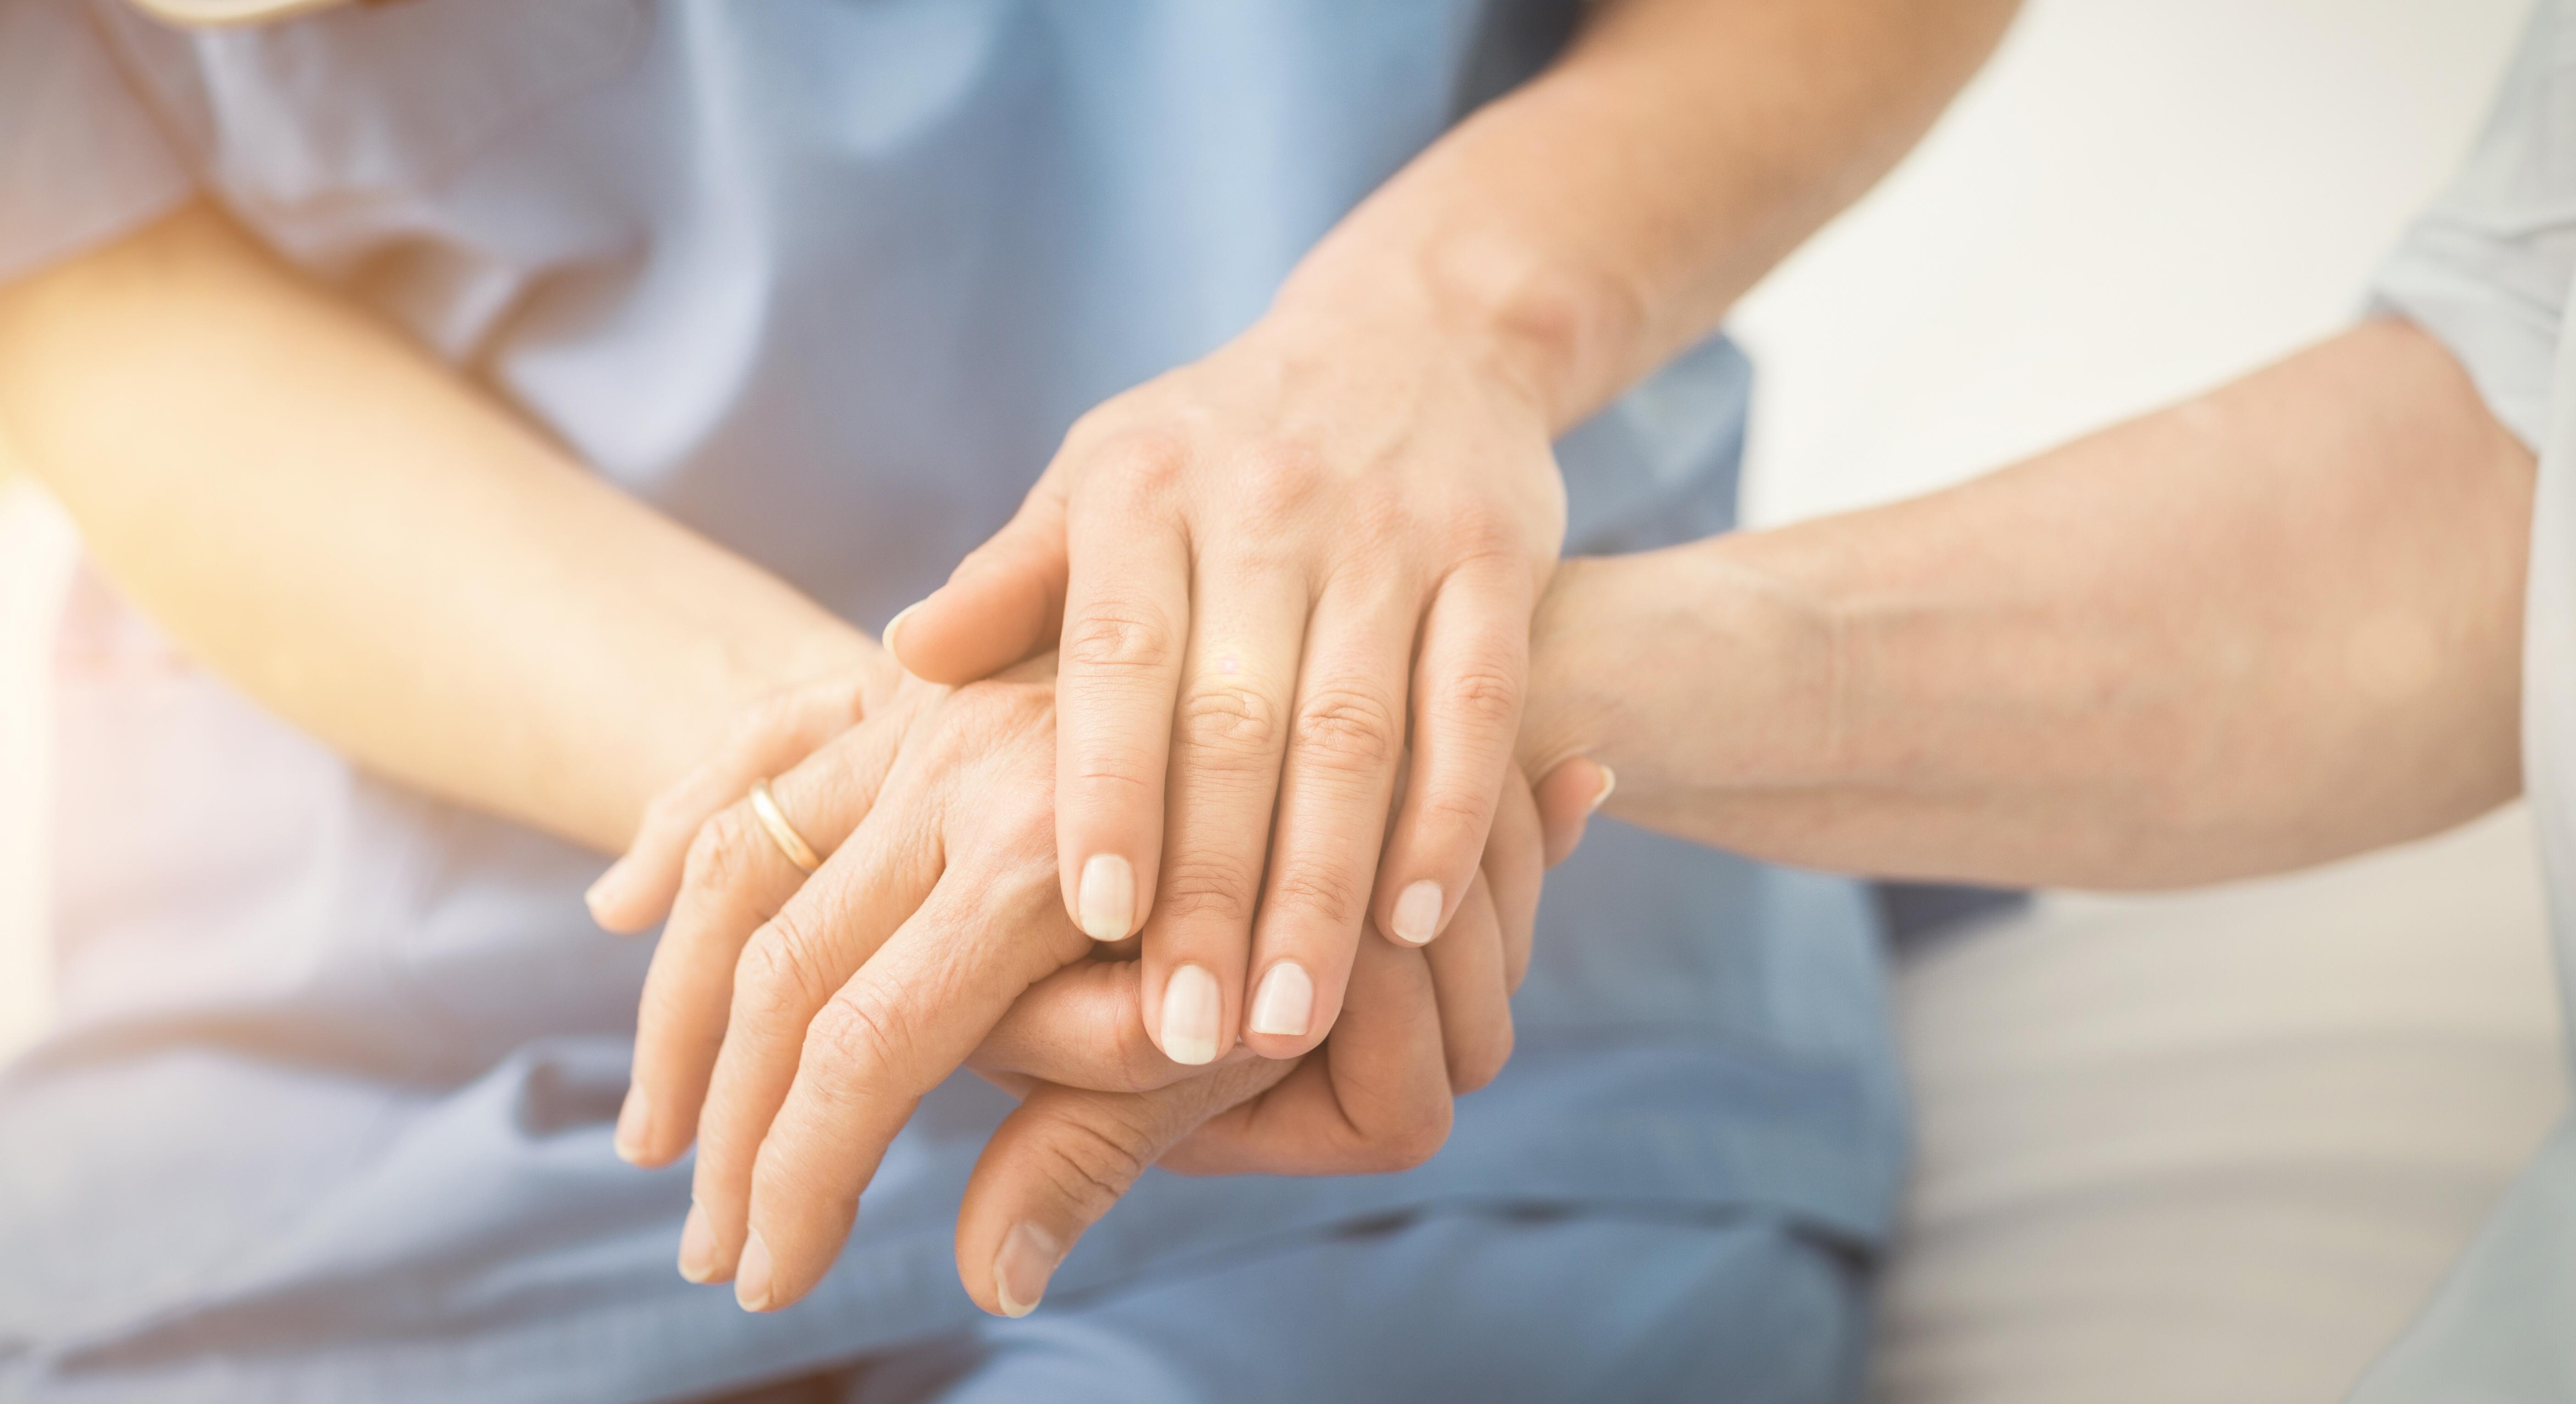 tasso di mortalità per cancro alla prostata negli uomini